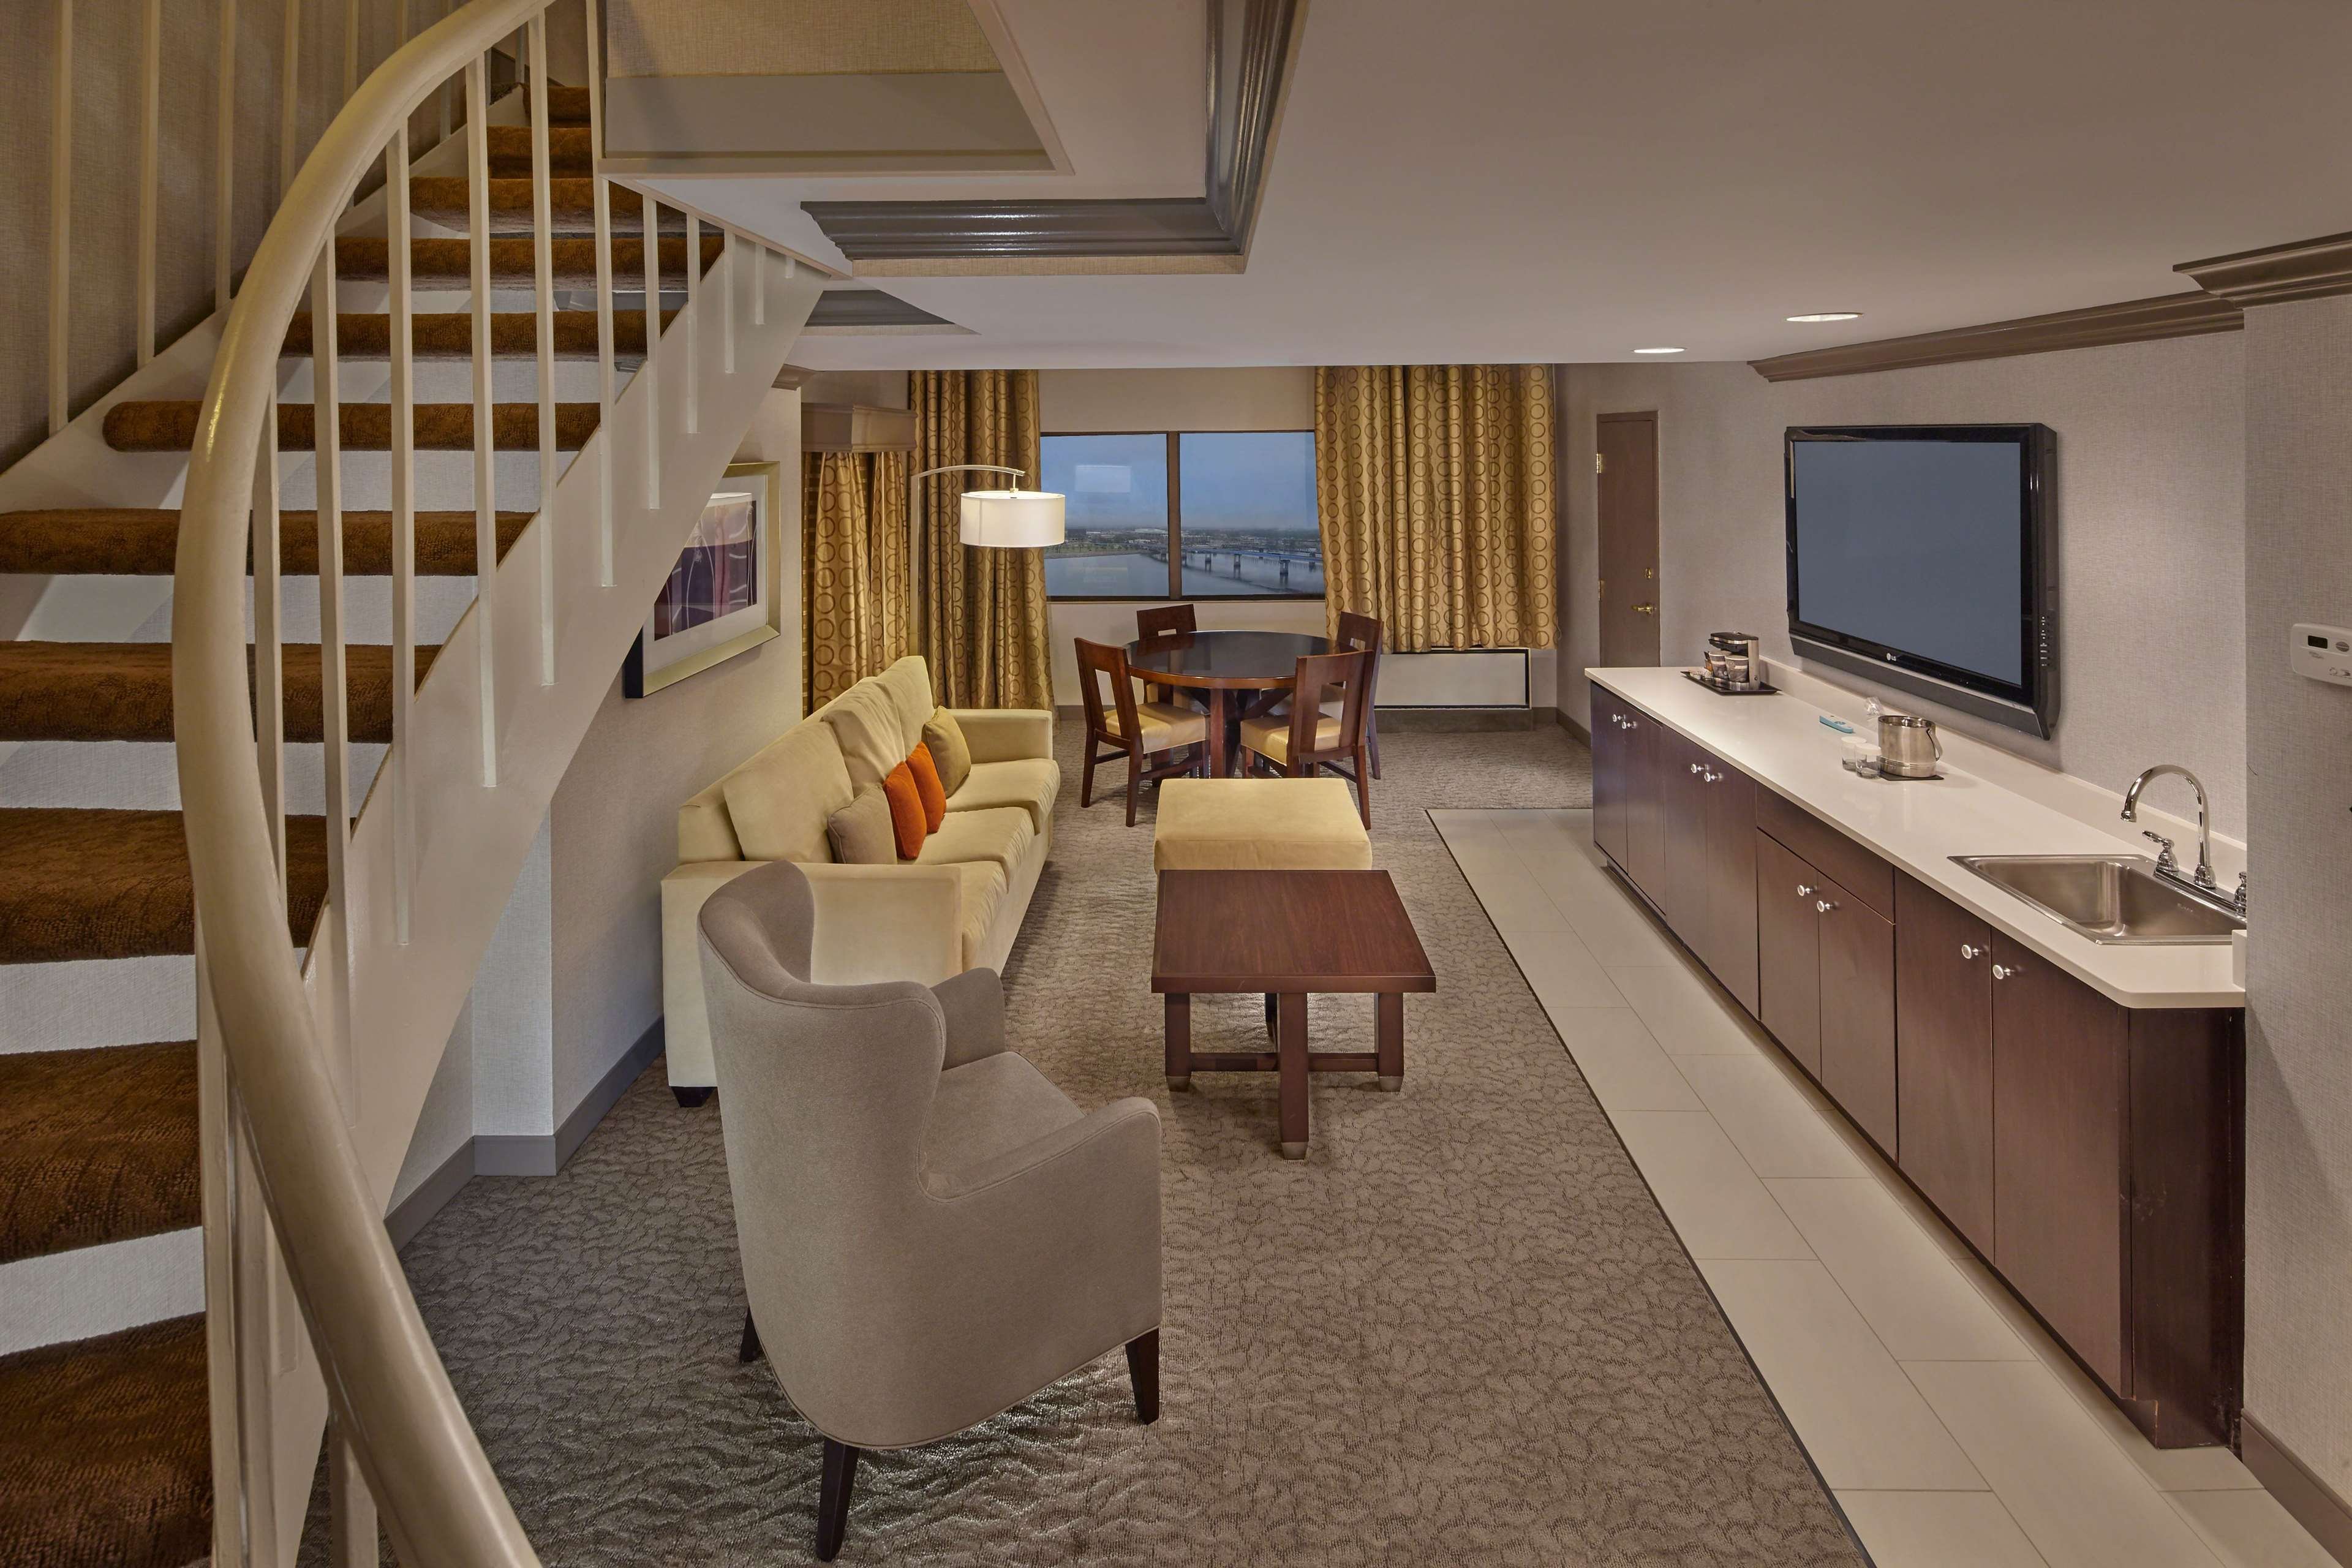 DoubleTree by Hilton Hotel Little Rock image 29